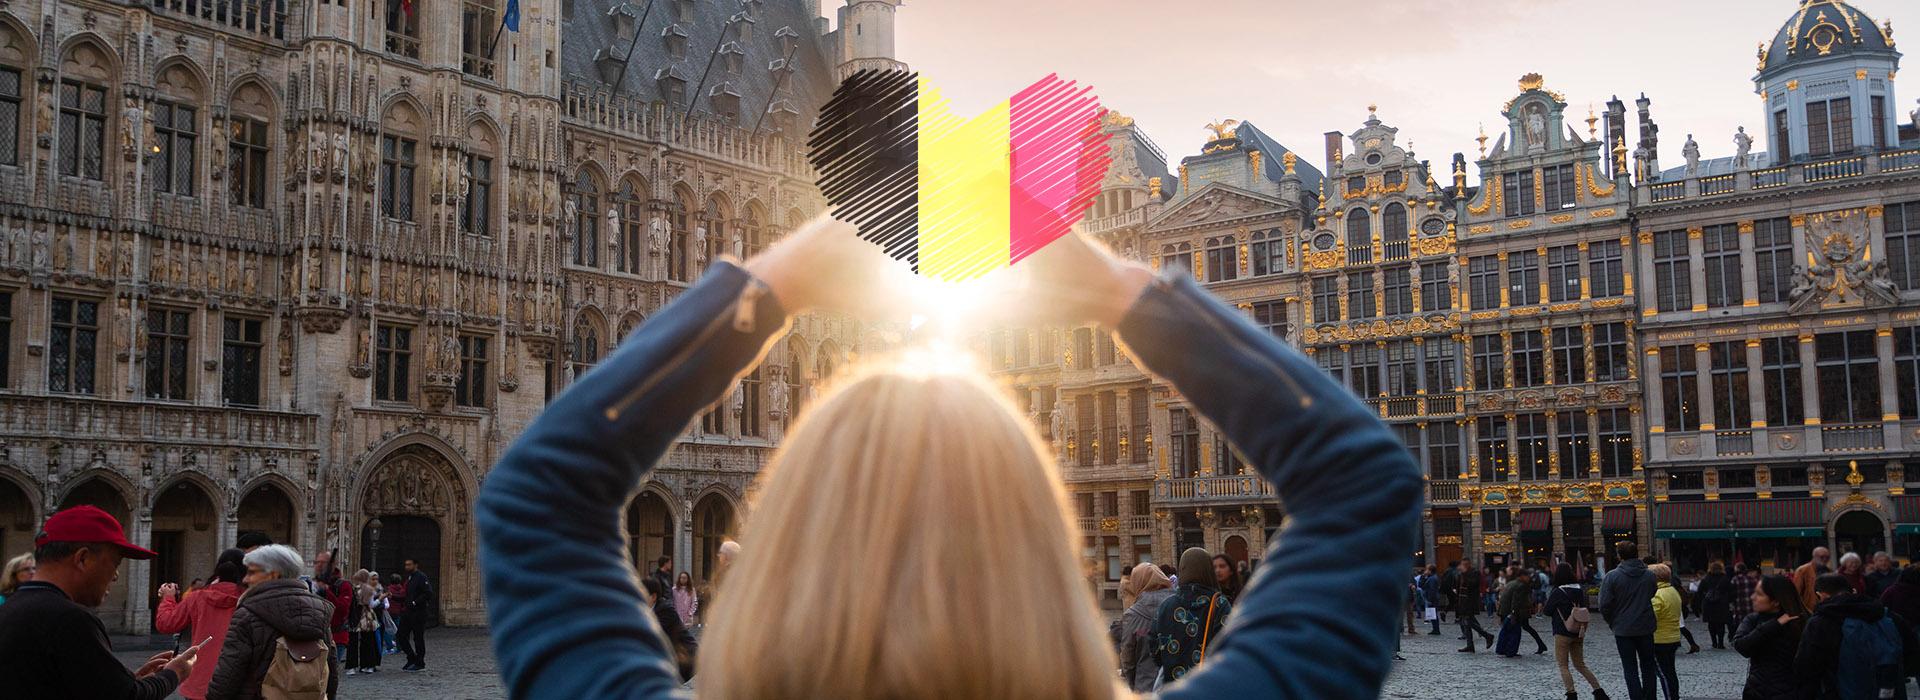 Quels sont les réseaux sociaux||les plus populaires en Belgique ?